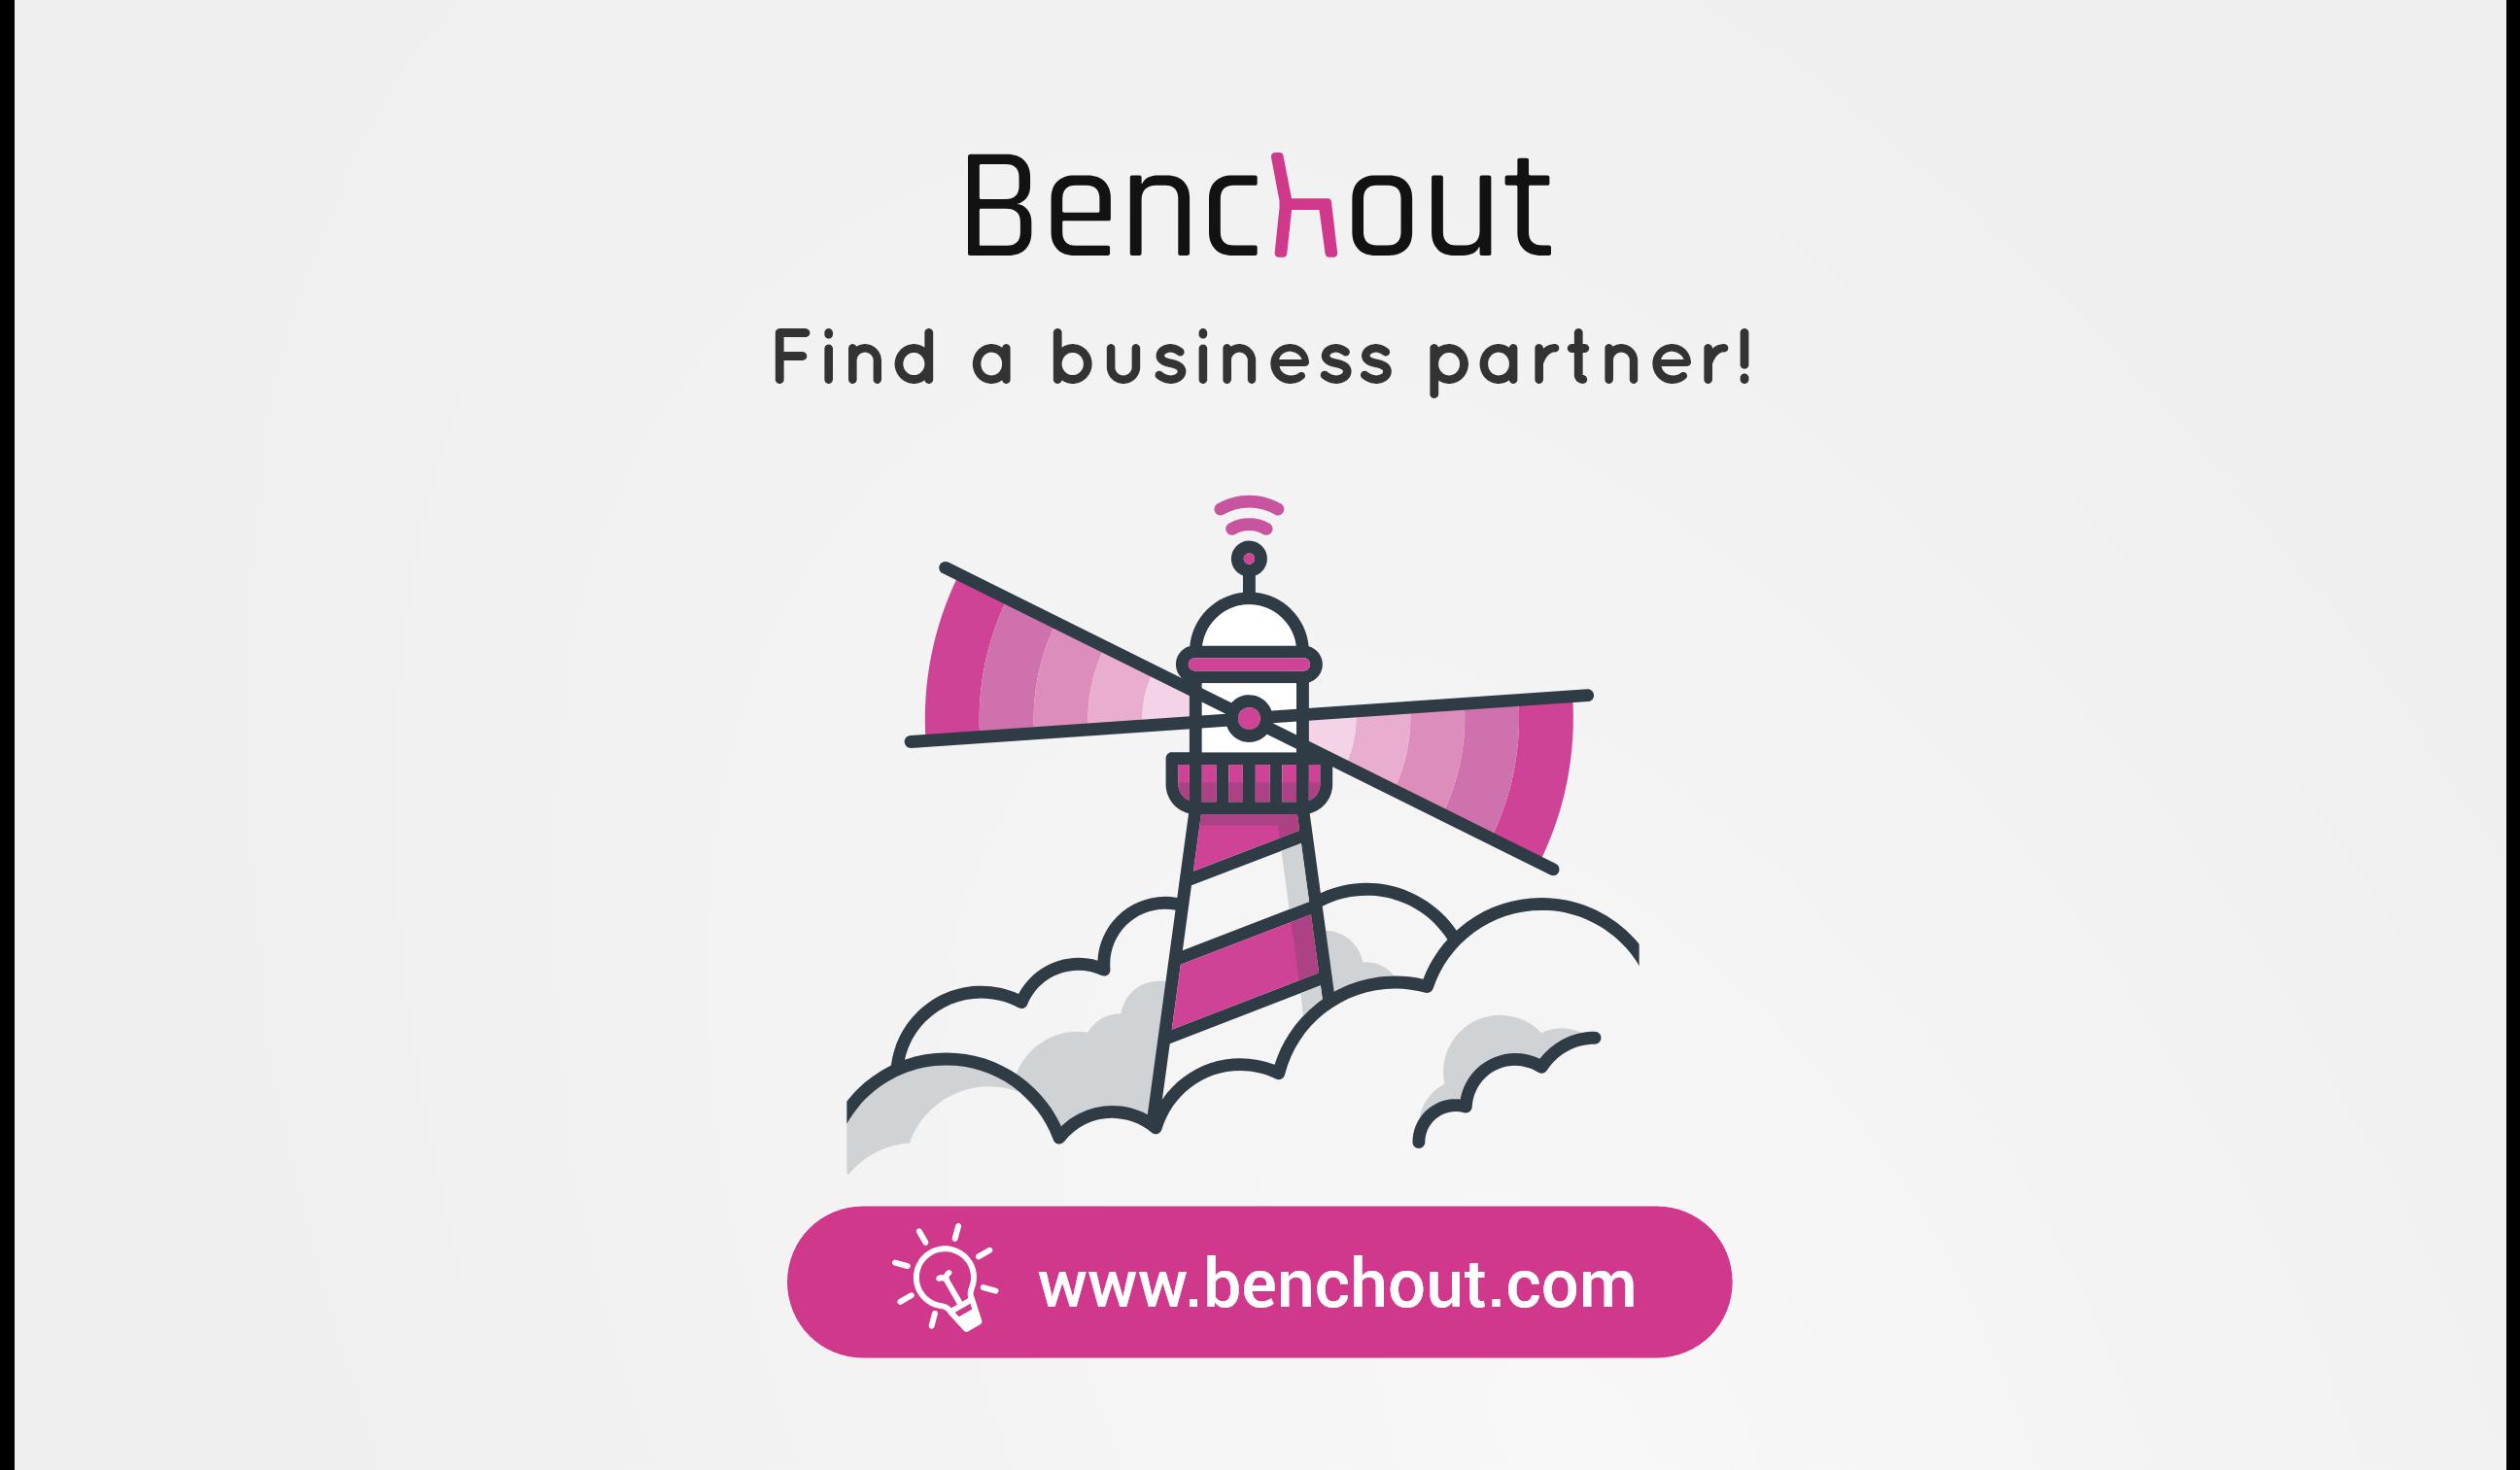 Benchout